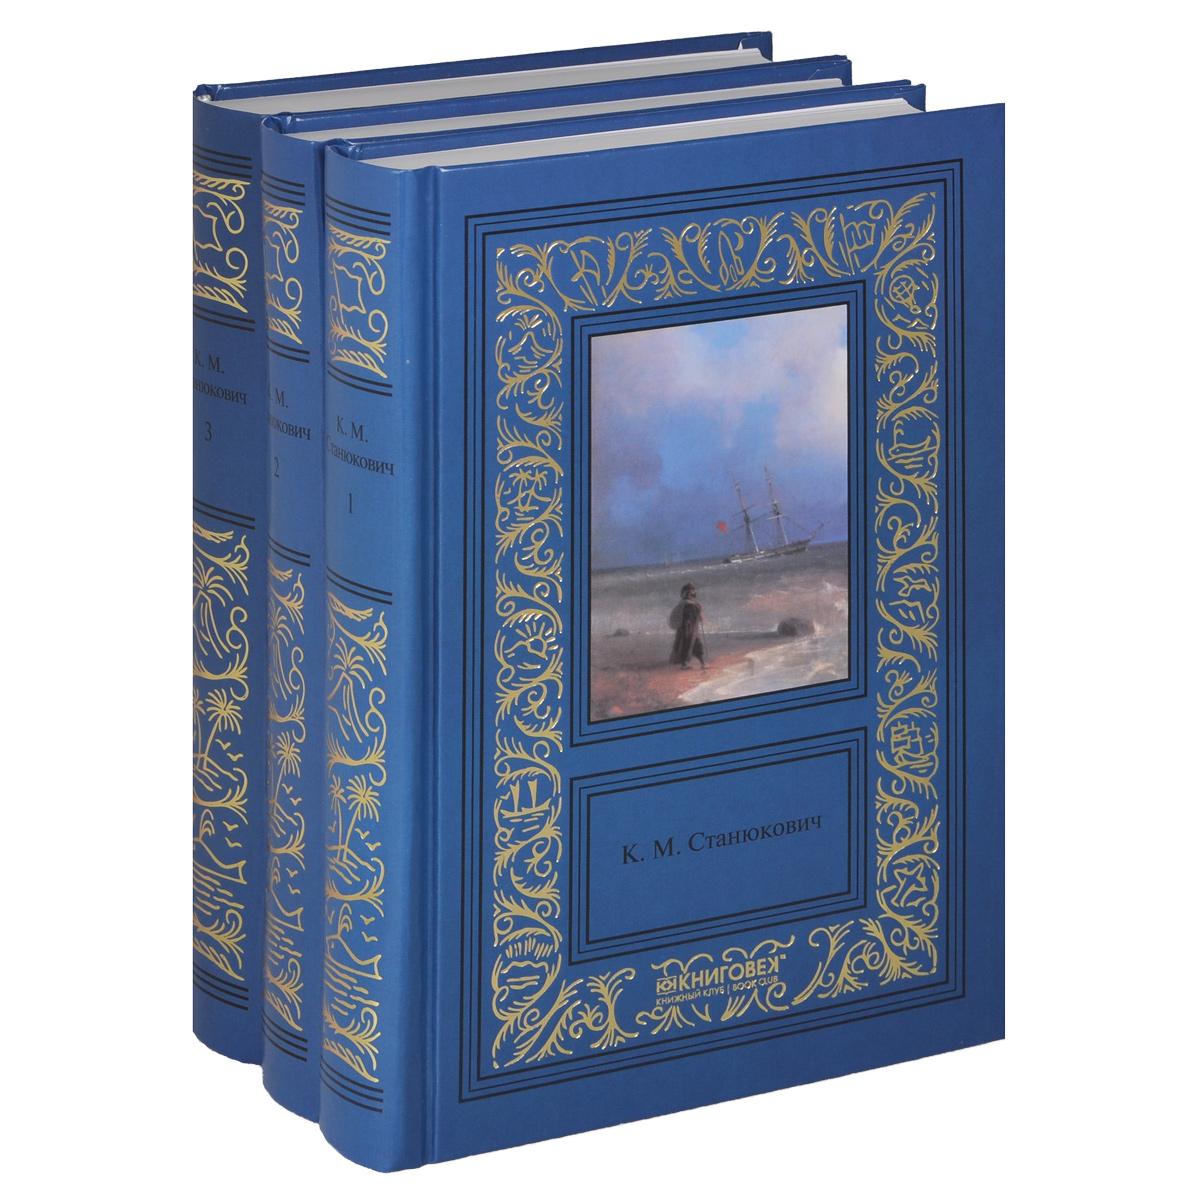 К. М. Станюкович. Сочинения. В 3 томах (комплект)